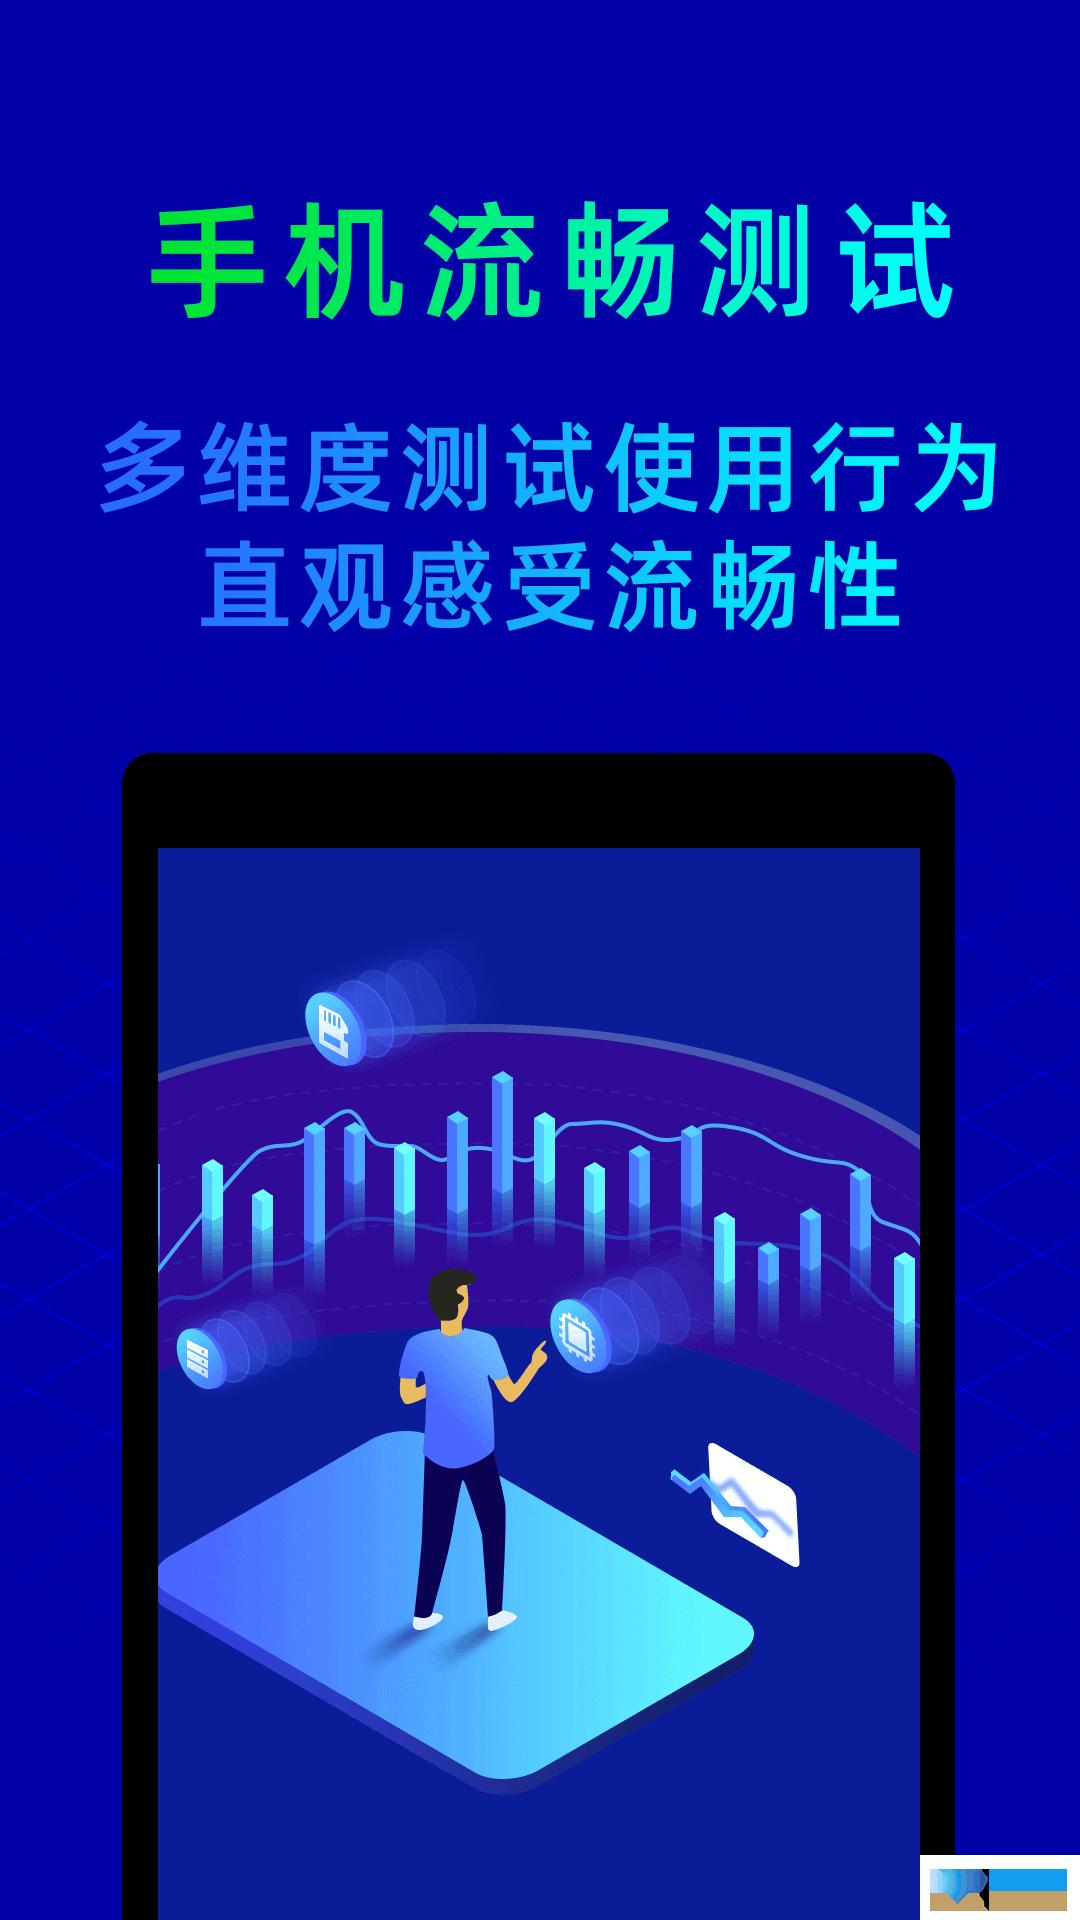 鲁大师手机版界面1